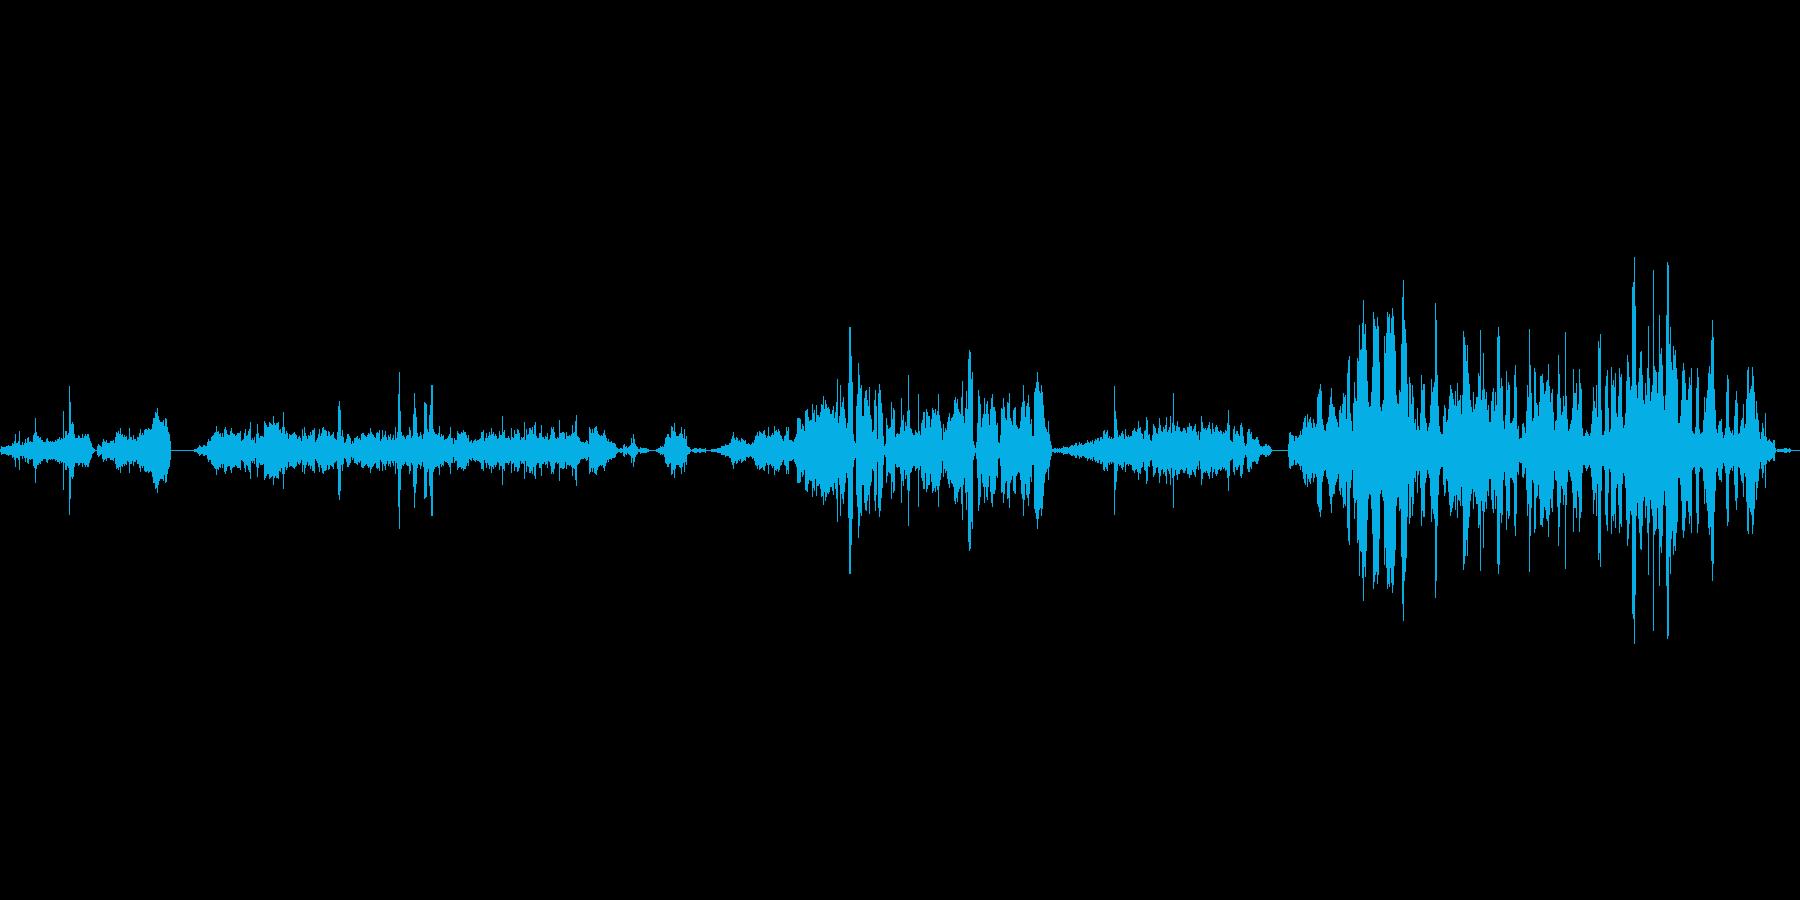 昆虫の羽ミディアムバグの再現の再生済みの波形